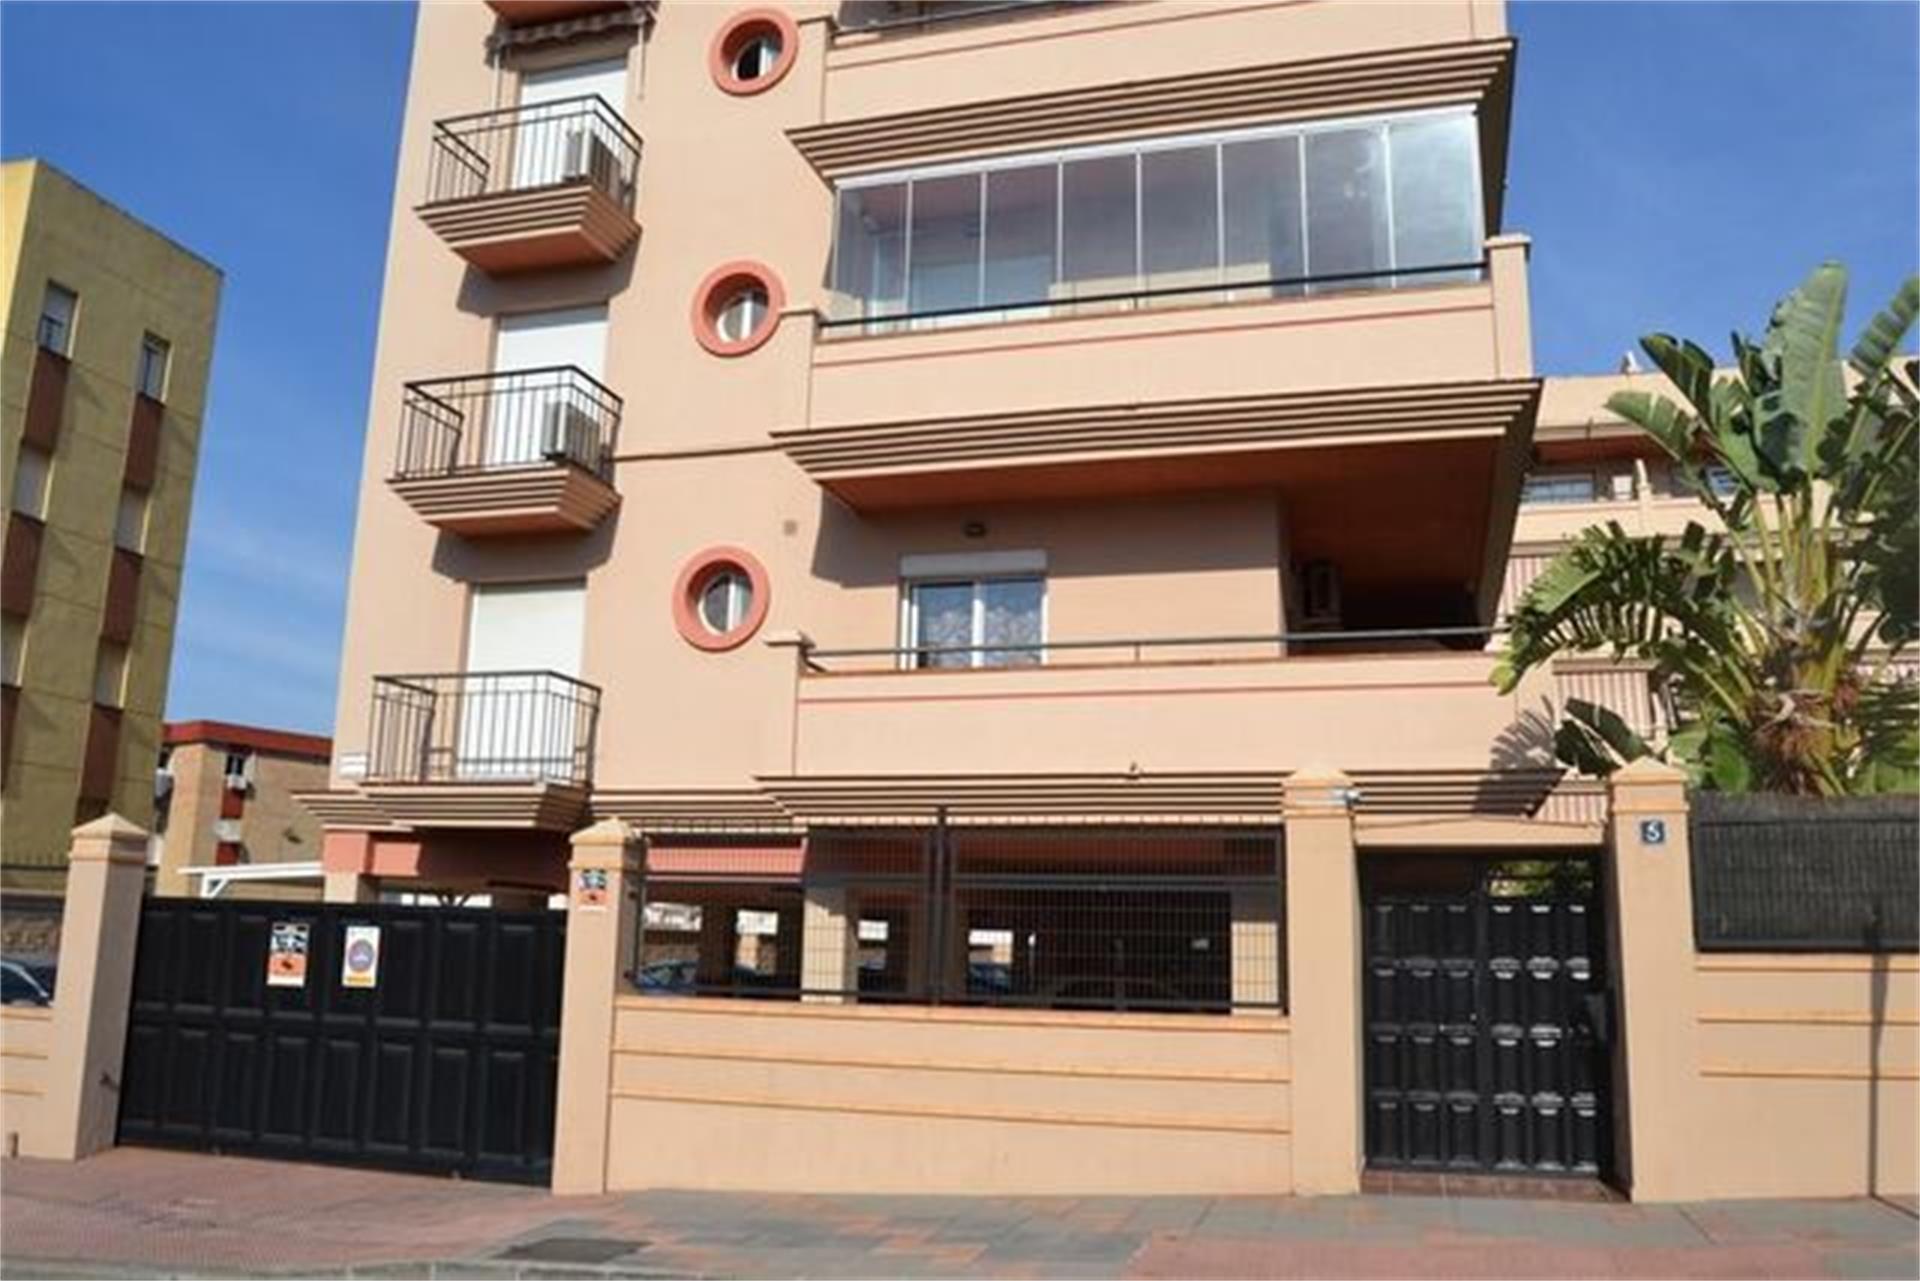 Piso de alquiler en Plaza Camino Molino de Viento Centro (Las Lagunas de Mijas, Málaga)